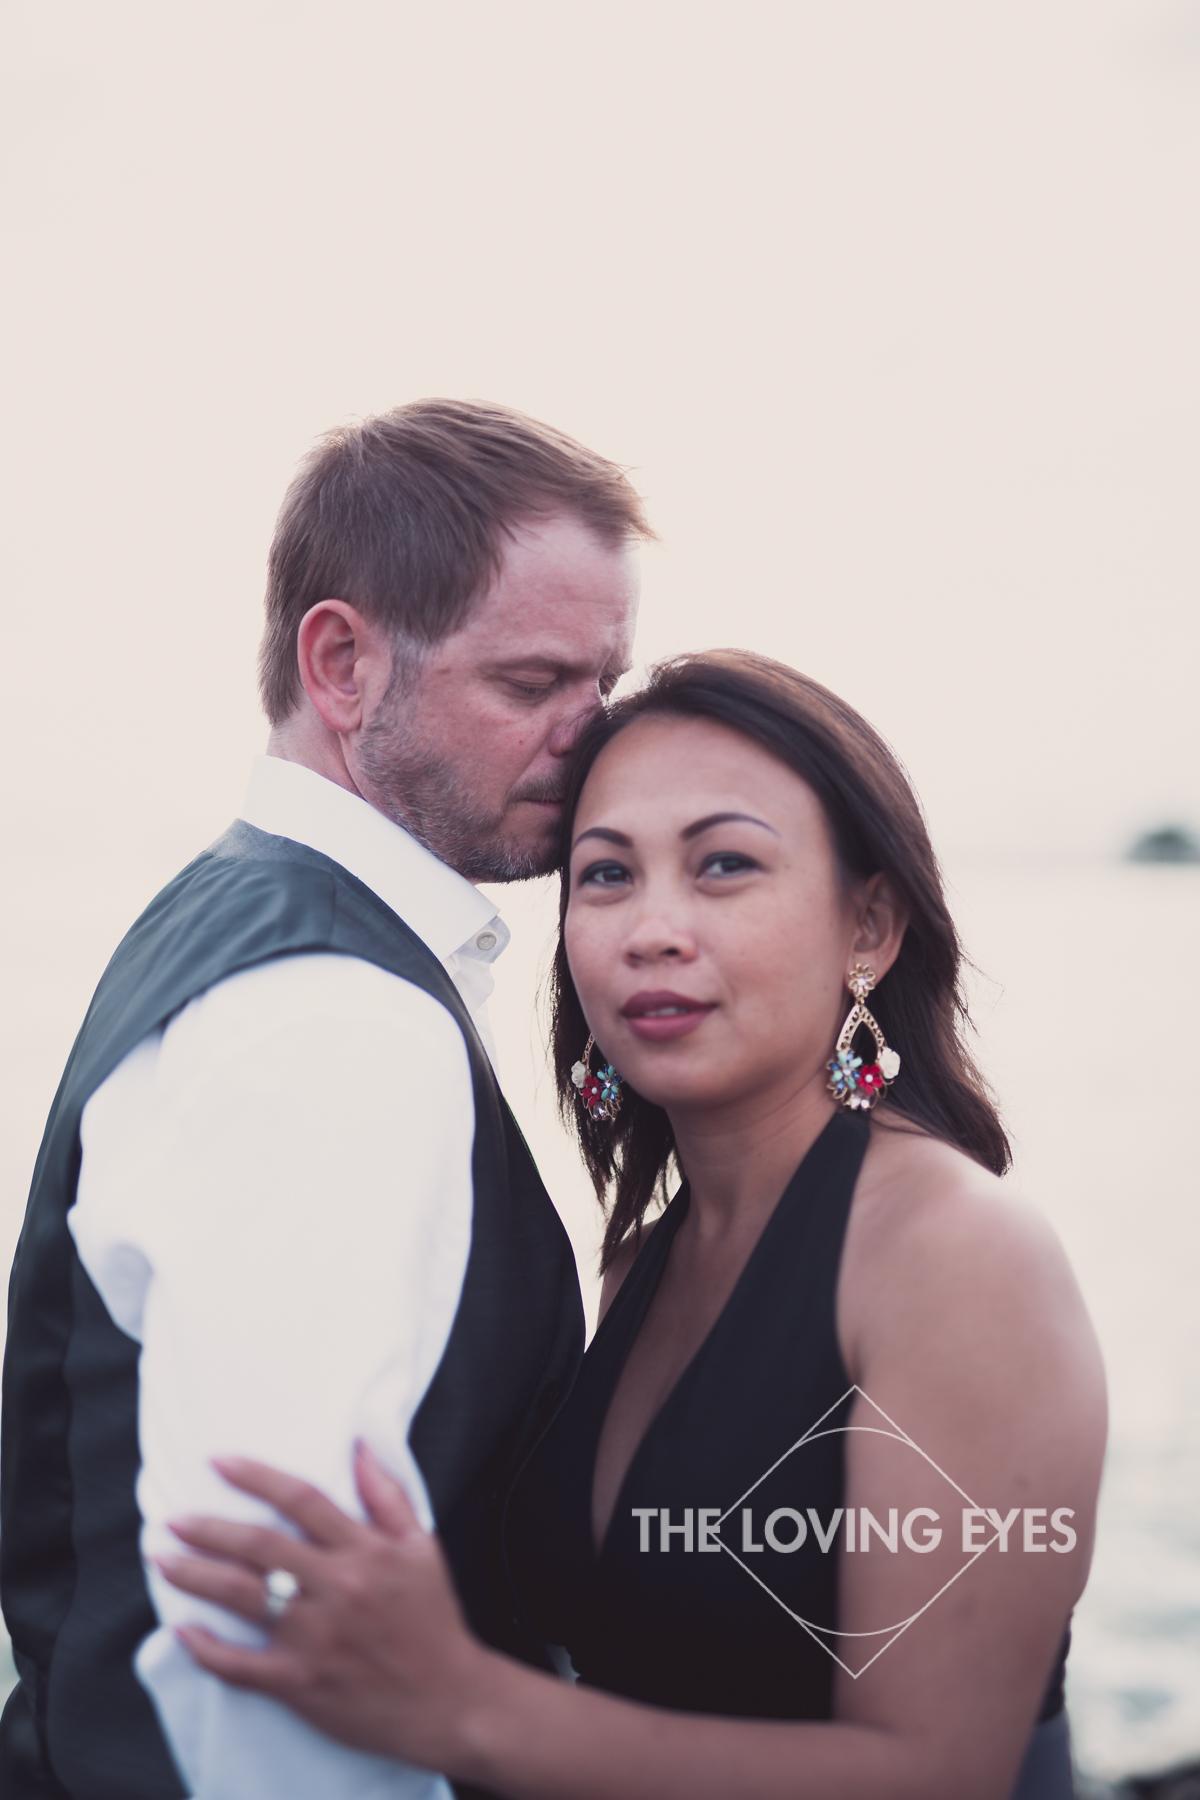 Hawaii-Vacation-Honeymoon-Photograhy-in-Waikiki-6.jpg